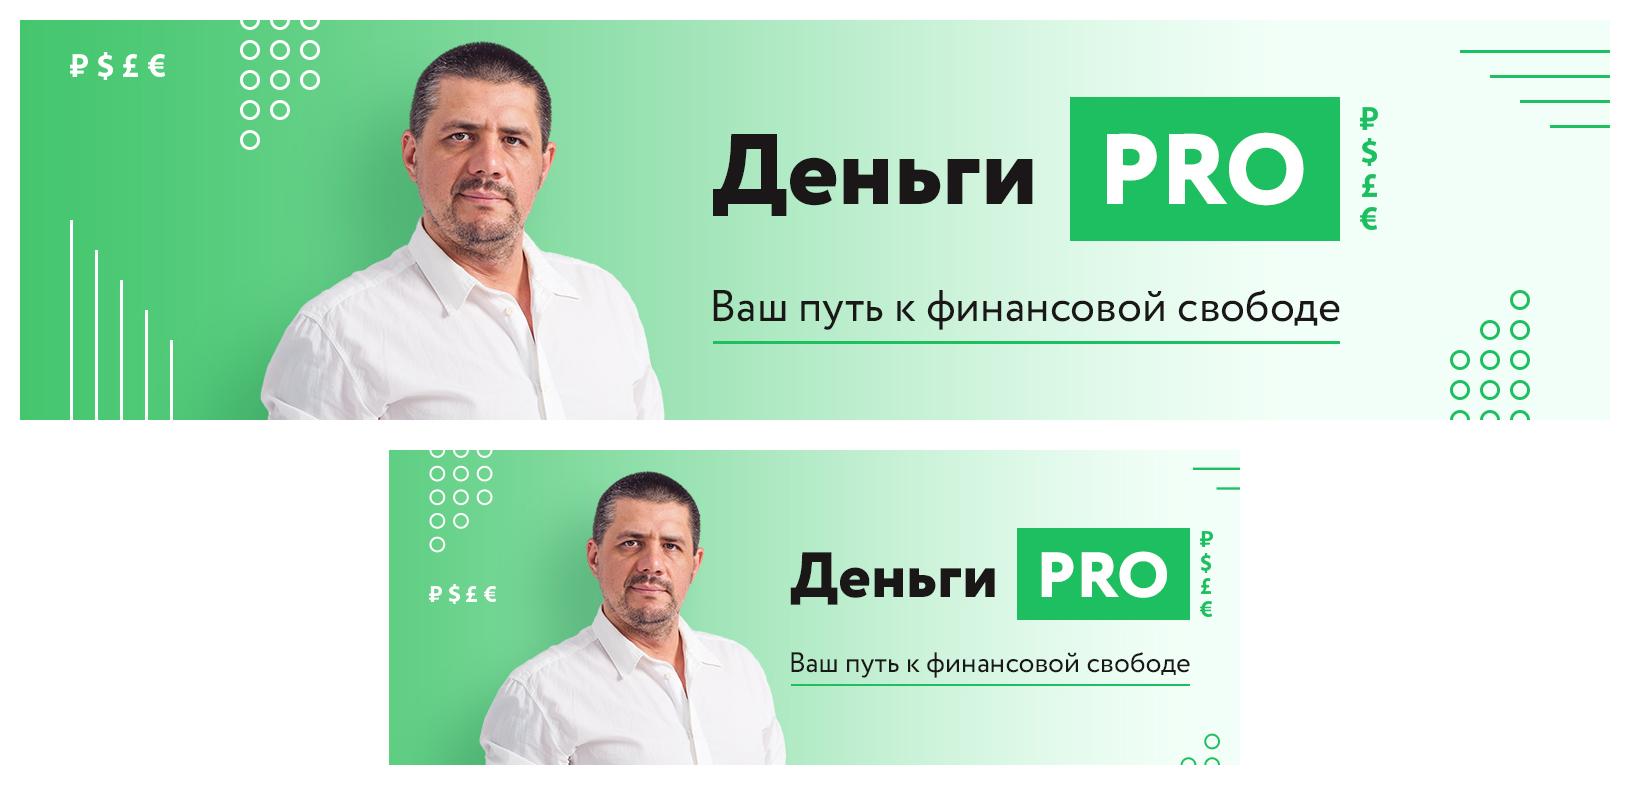 Обложка VK / Facebook